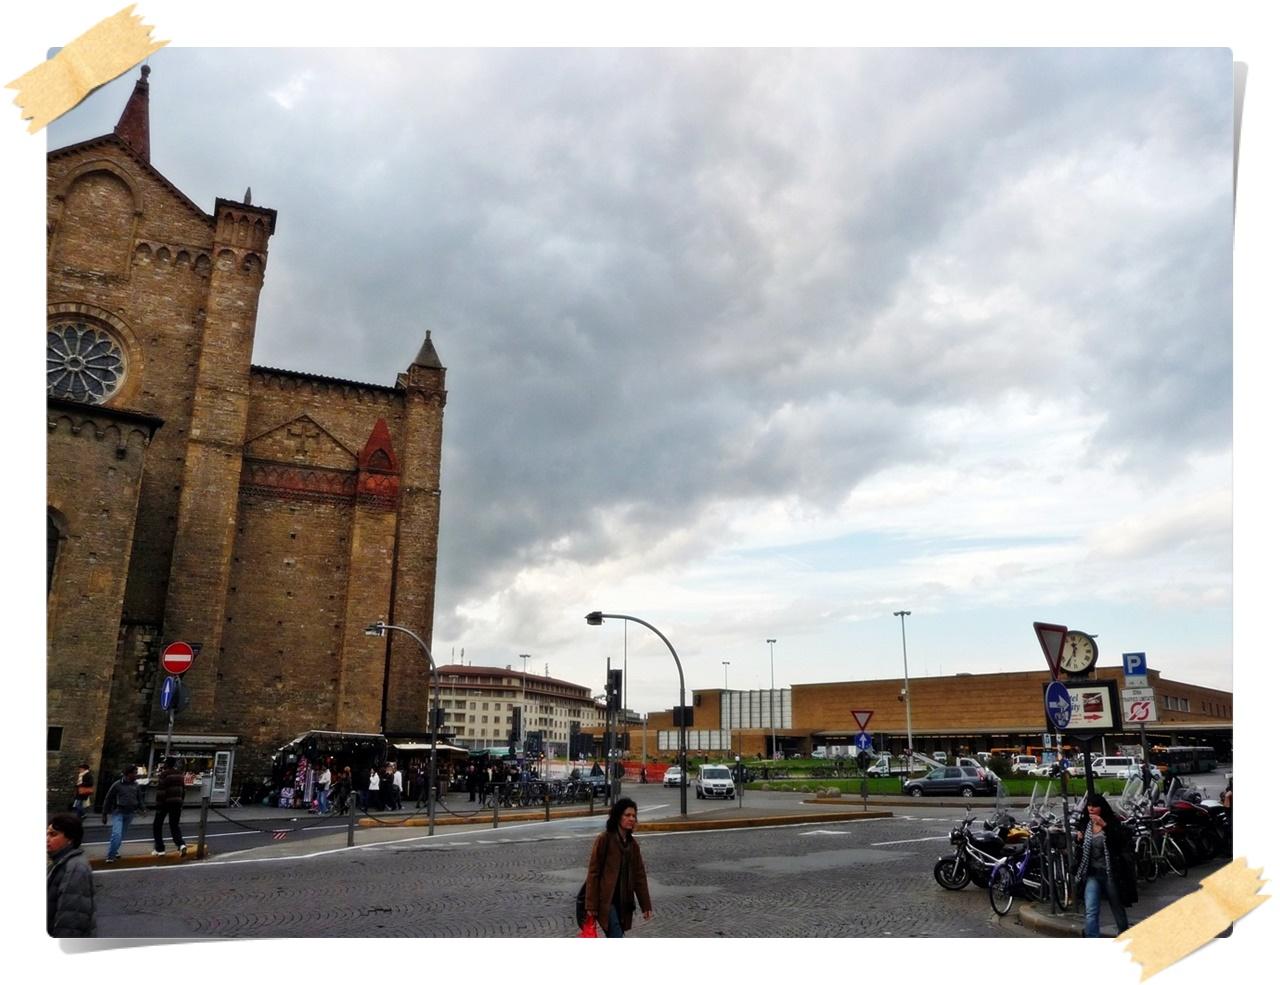 照片回顾 2009/11 意大利 day 7:佛罗伦萨/菲冷翠 下午去威尼斯